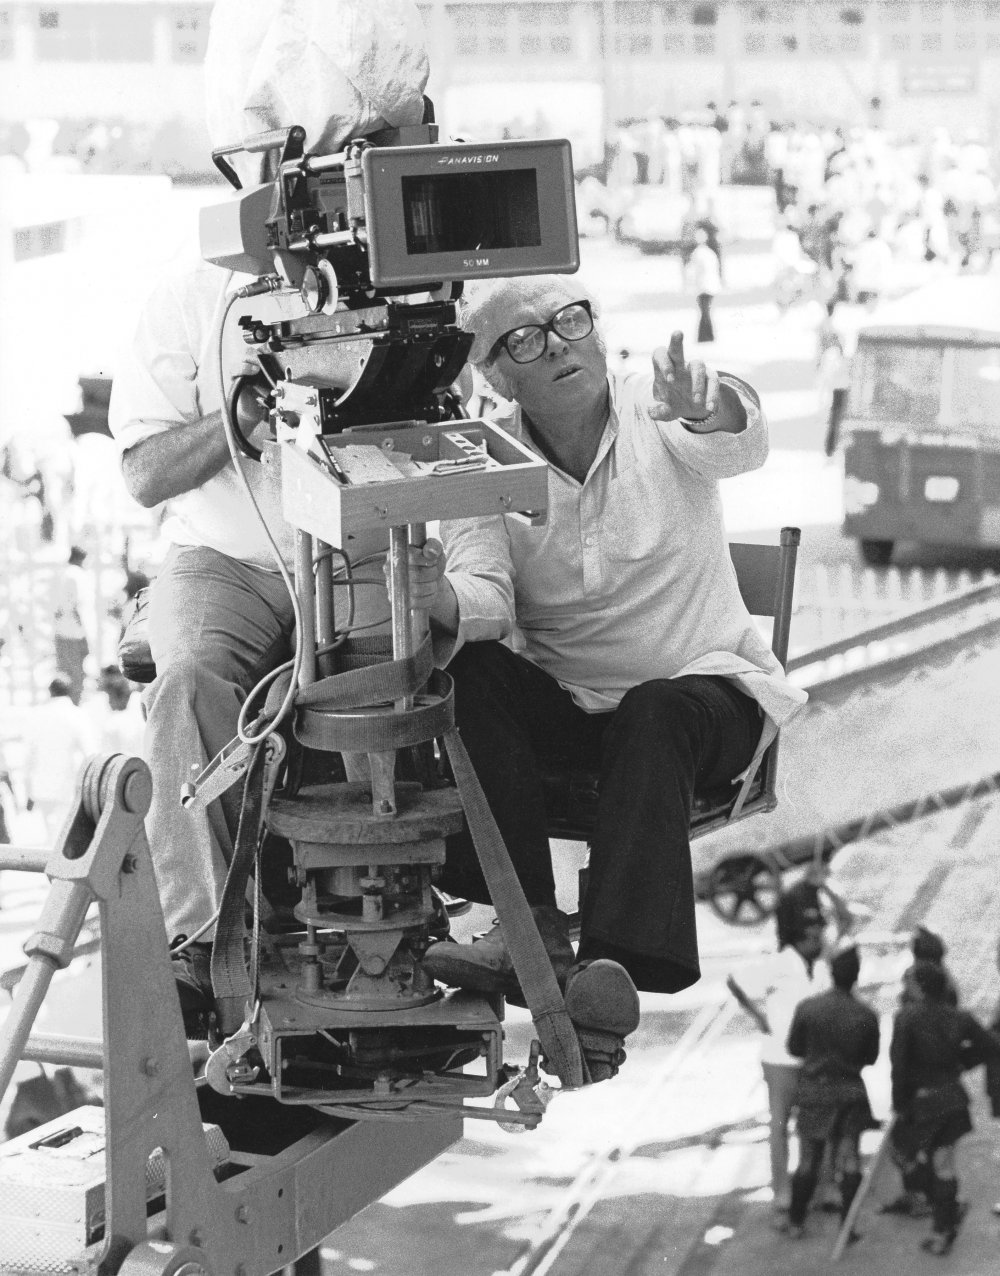 Richard Attenborough on the set of Gandhi (1982)